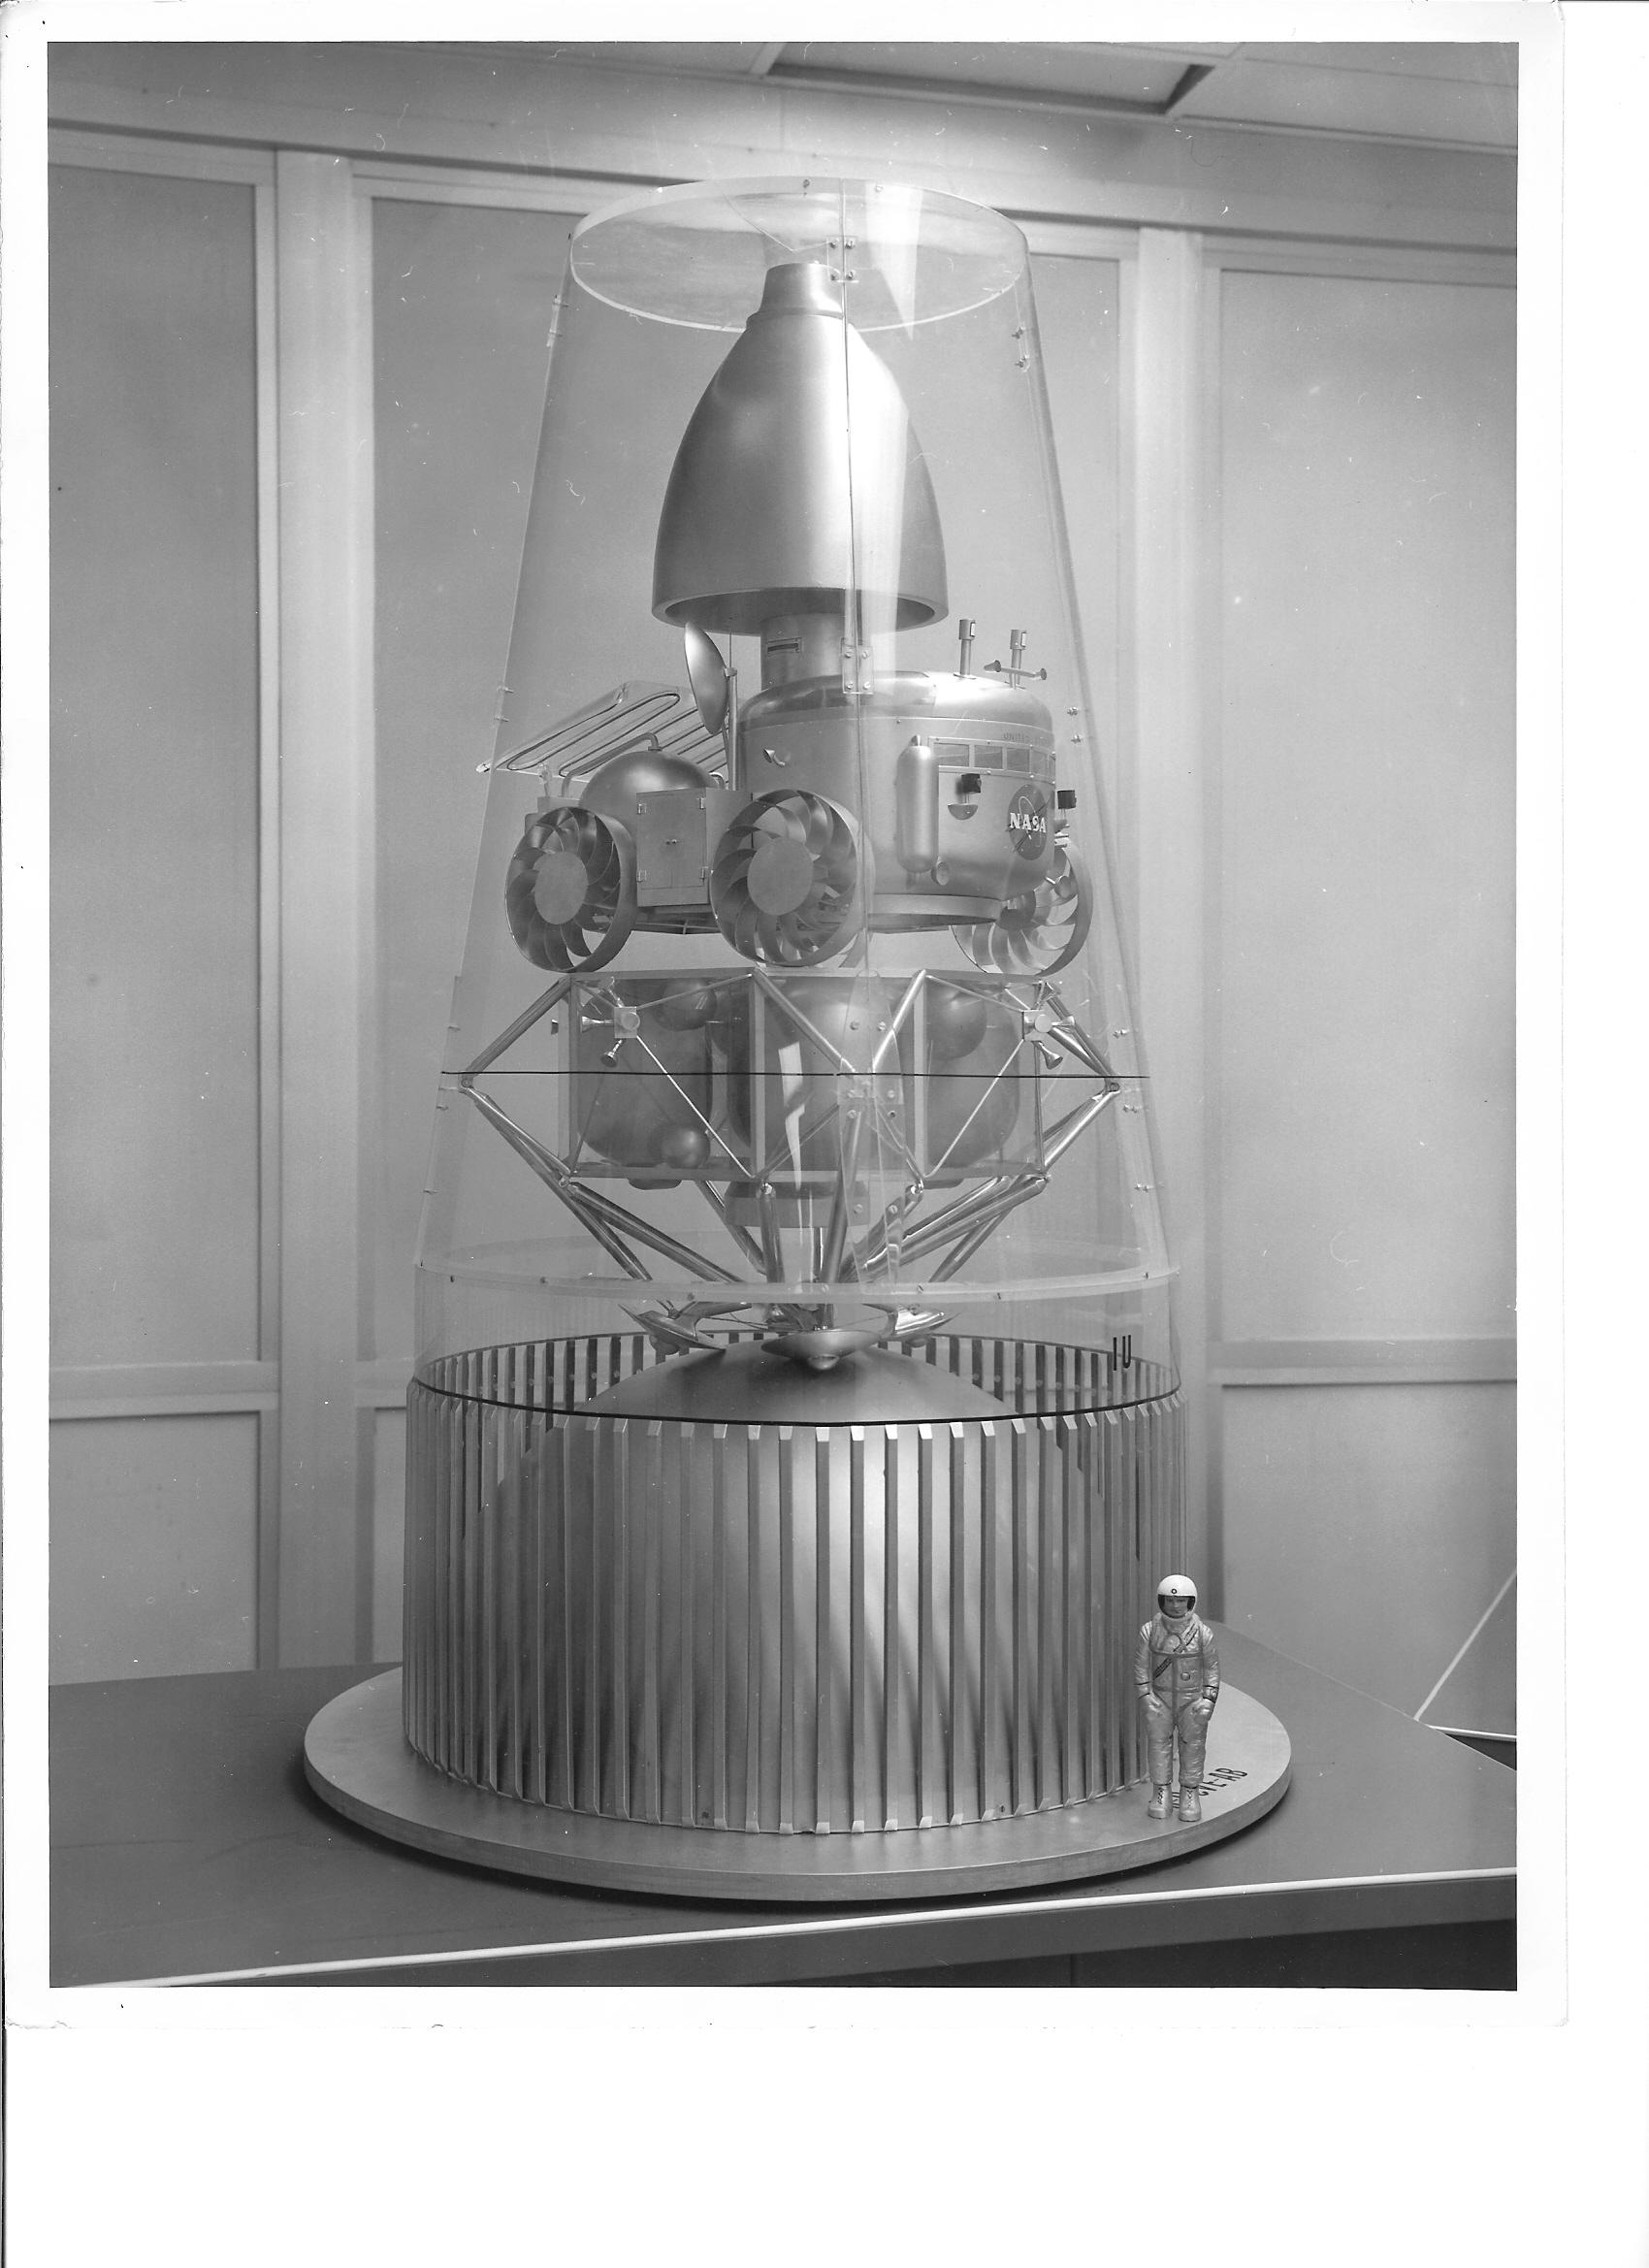 Slik ville en MOLAB månebil stå under transport til månen inni en Saturn V bærerakett.